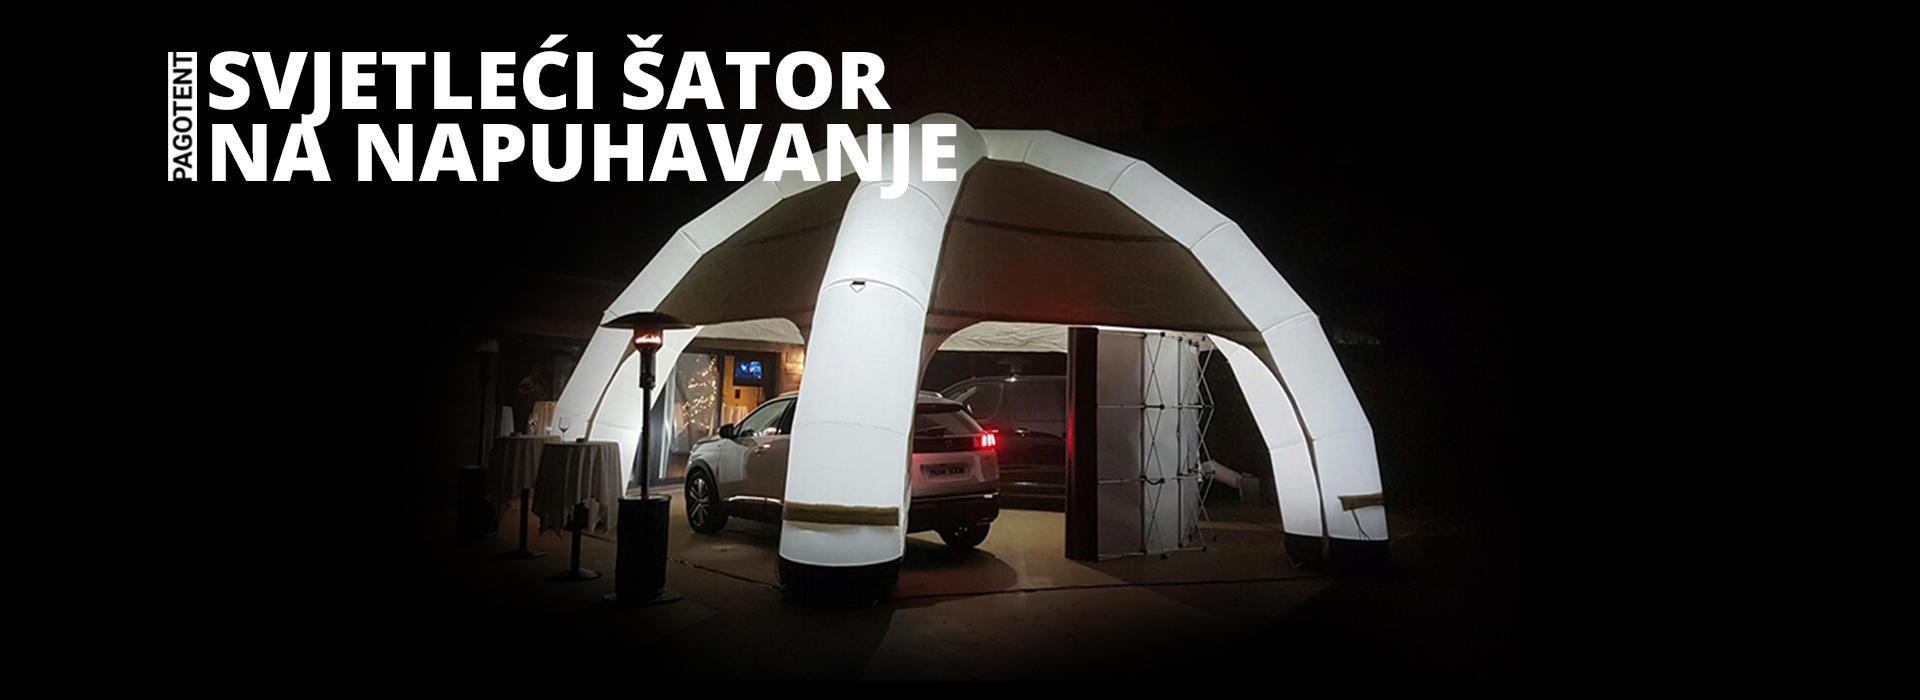 Svjetleći šator na napuhavanje